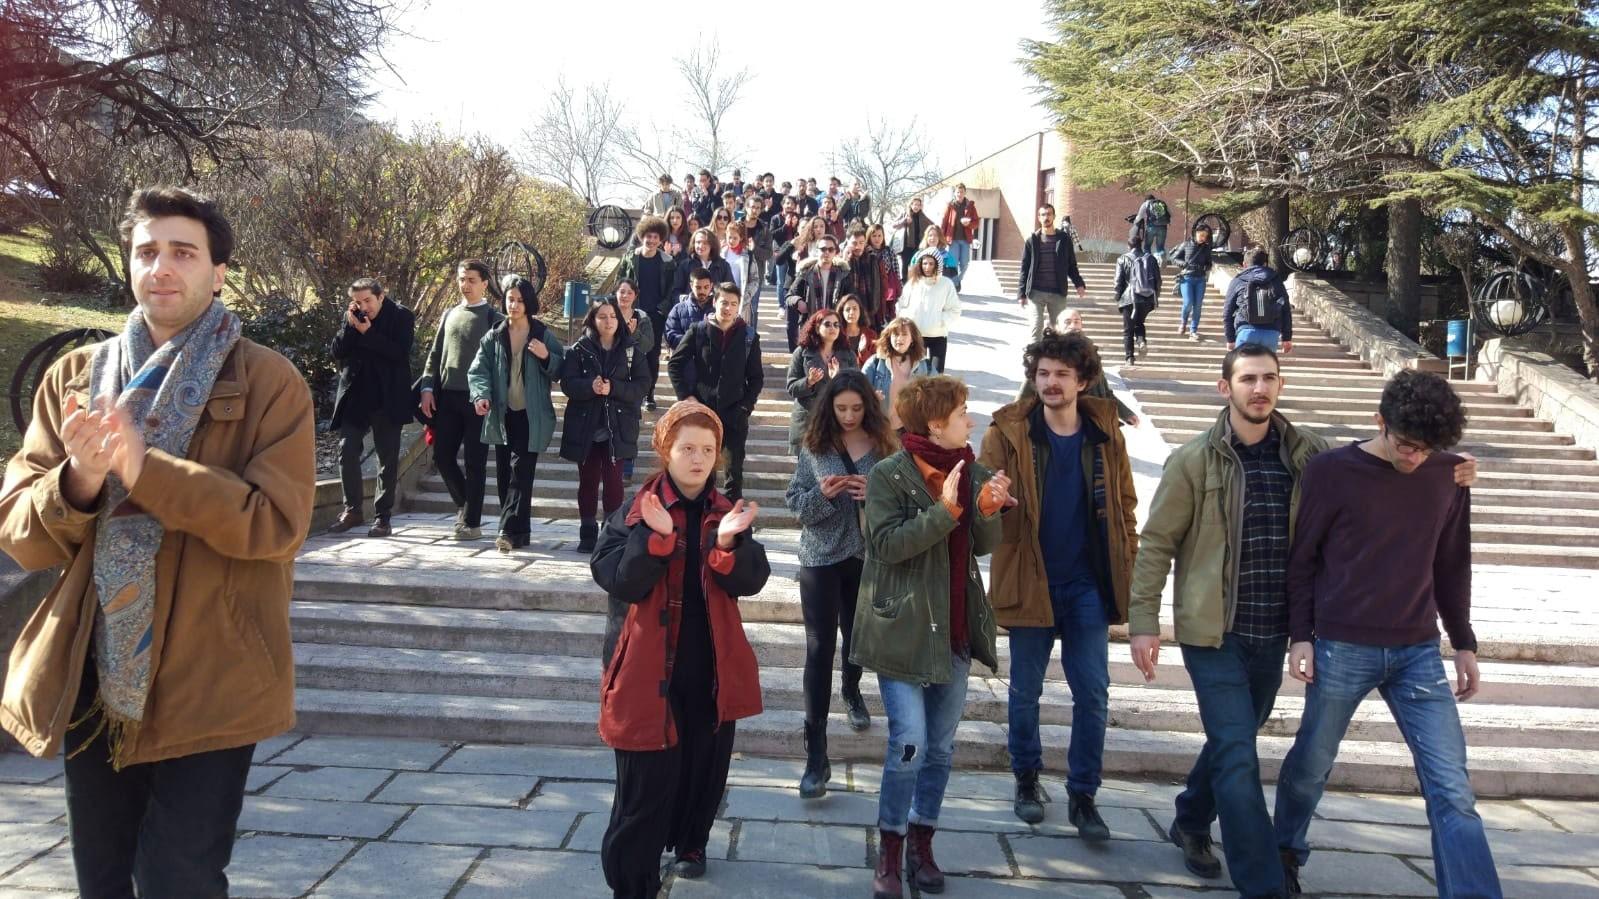 ODTÜ'de rektörlüğe doğru yürüyen öğrenciler.